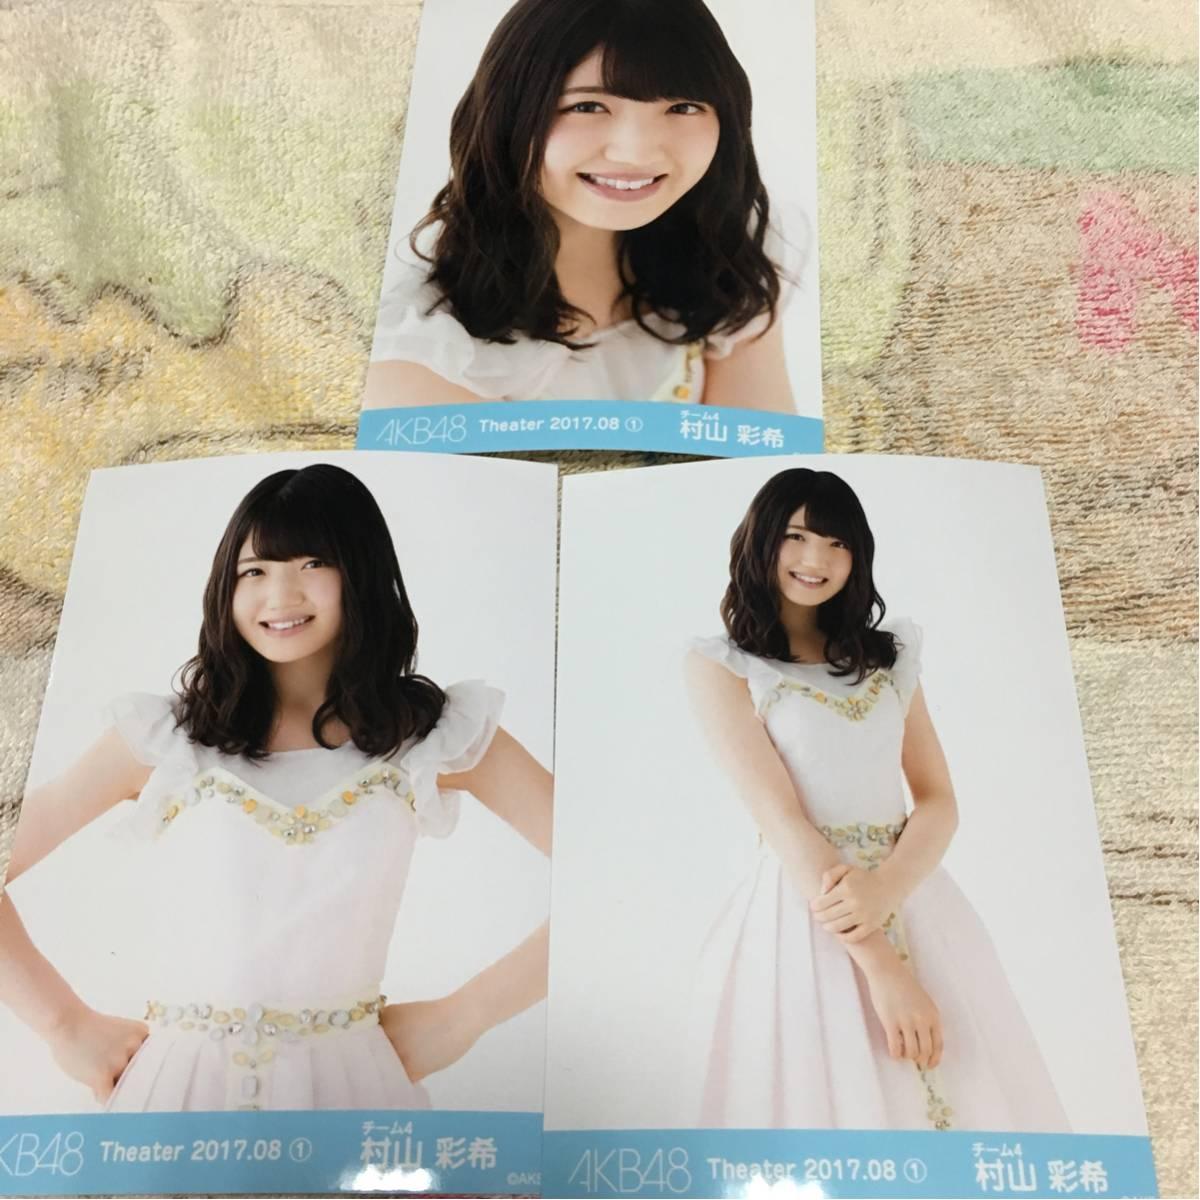 AKB48 月別生写真 8月① 3種コンプ 村山彩希 ライブ・総選挙グッズの画像